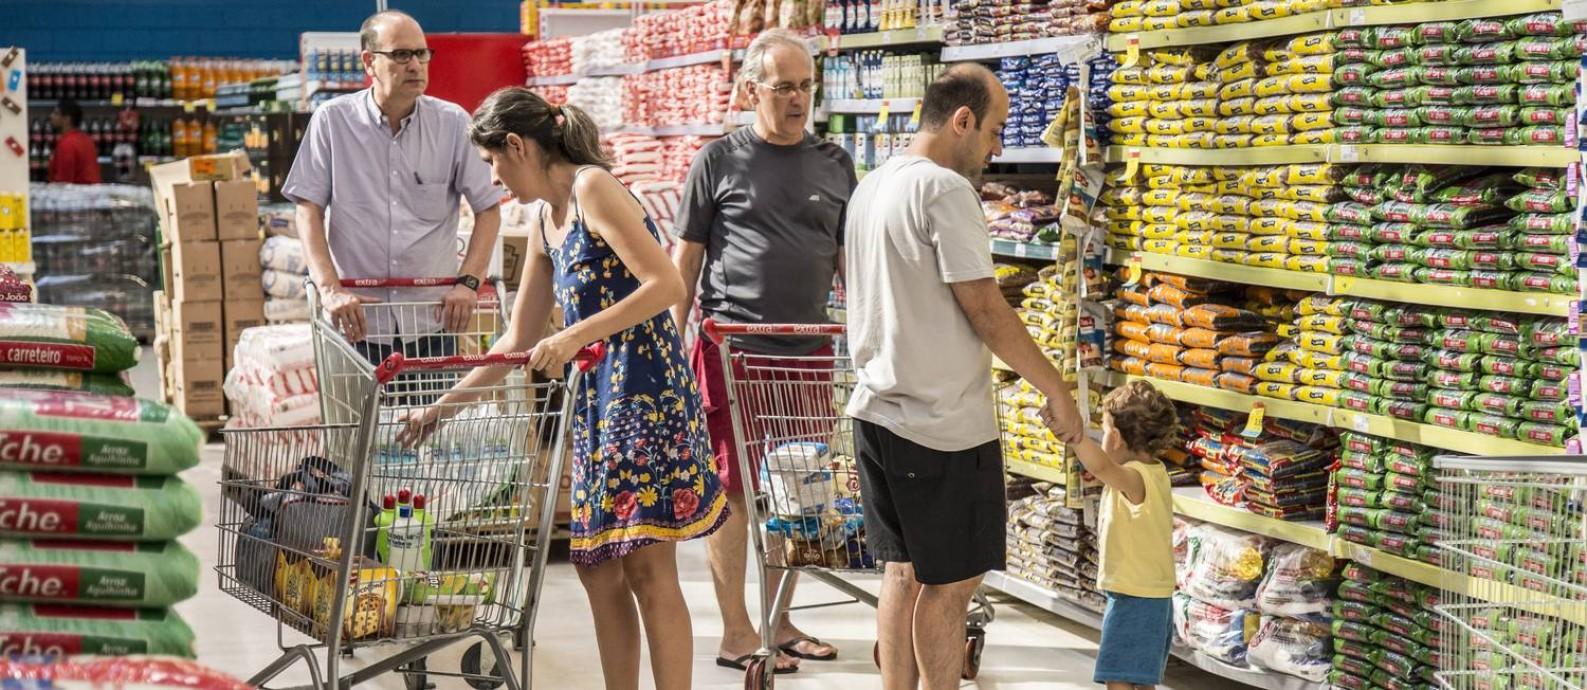 Carrinho mais cheio. Os preços dos alimentos caíram 5,1% nos últimos 12 meses, itens que chegam a pesar até 29% no orçamento das famílias de renda mais baixa Foto: Hermes de Paula / O Globo